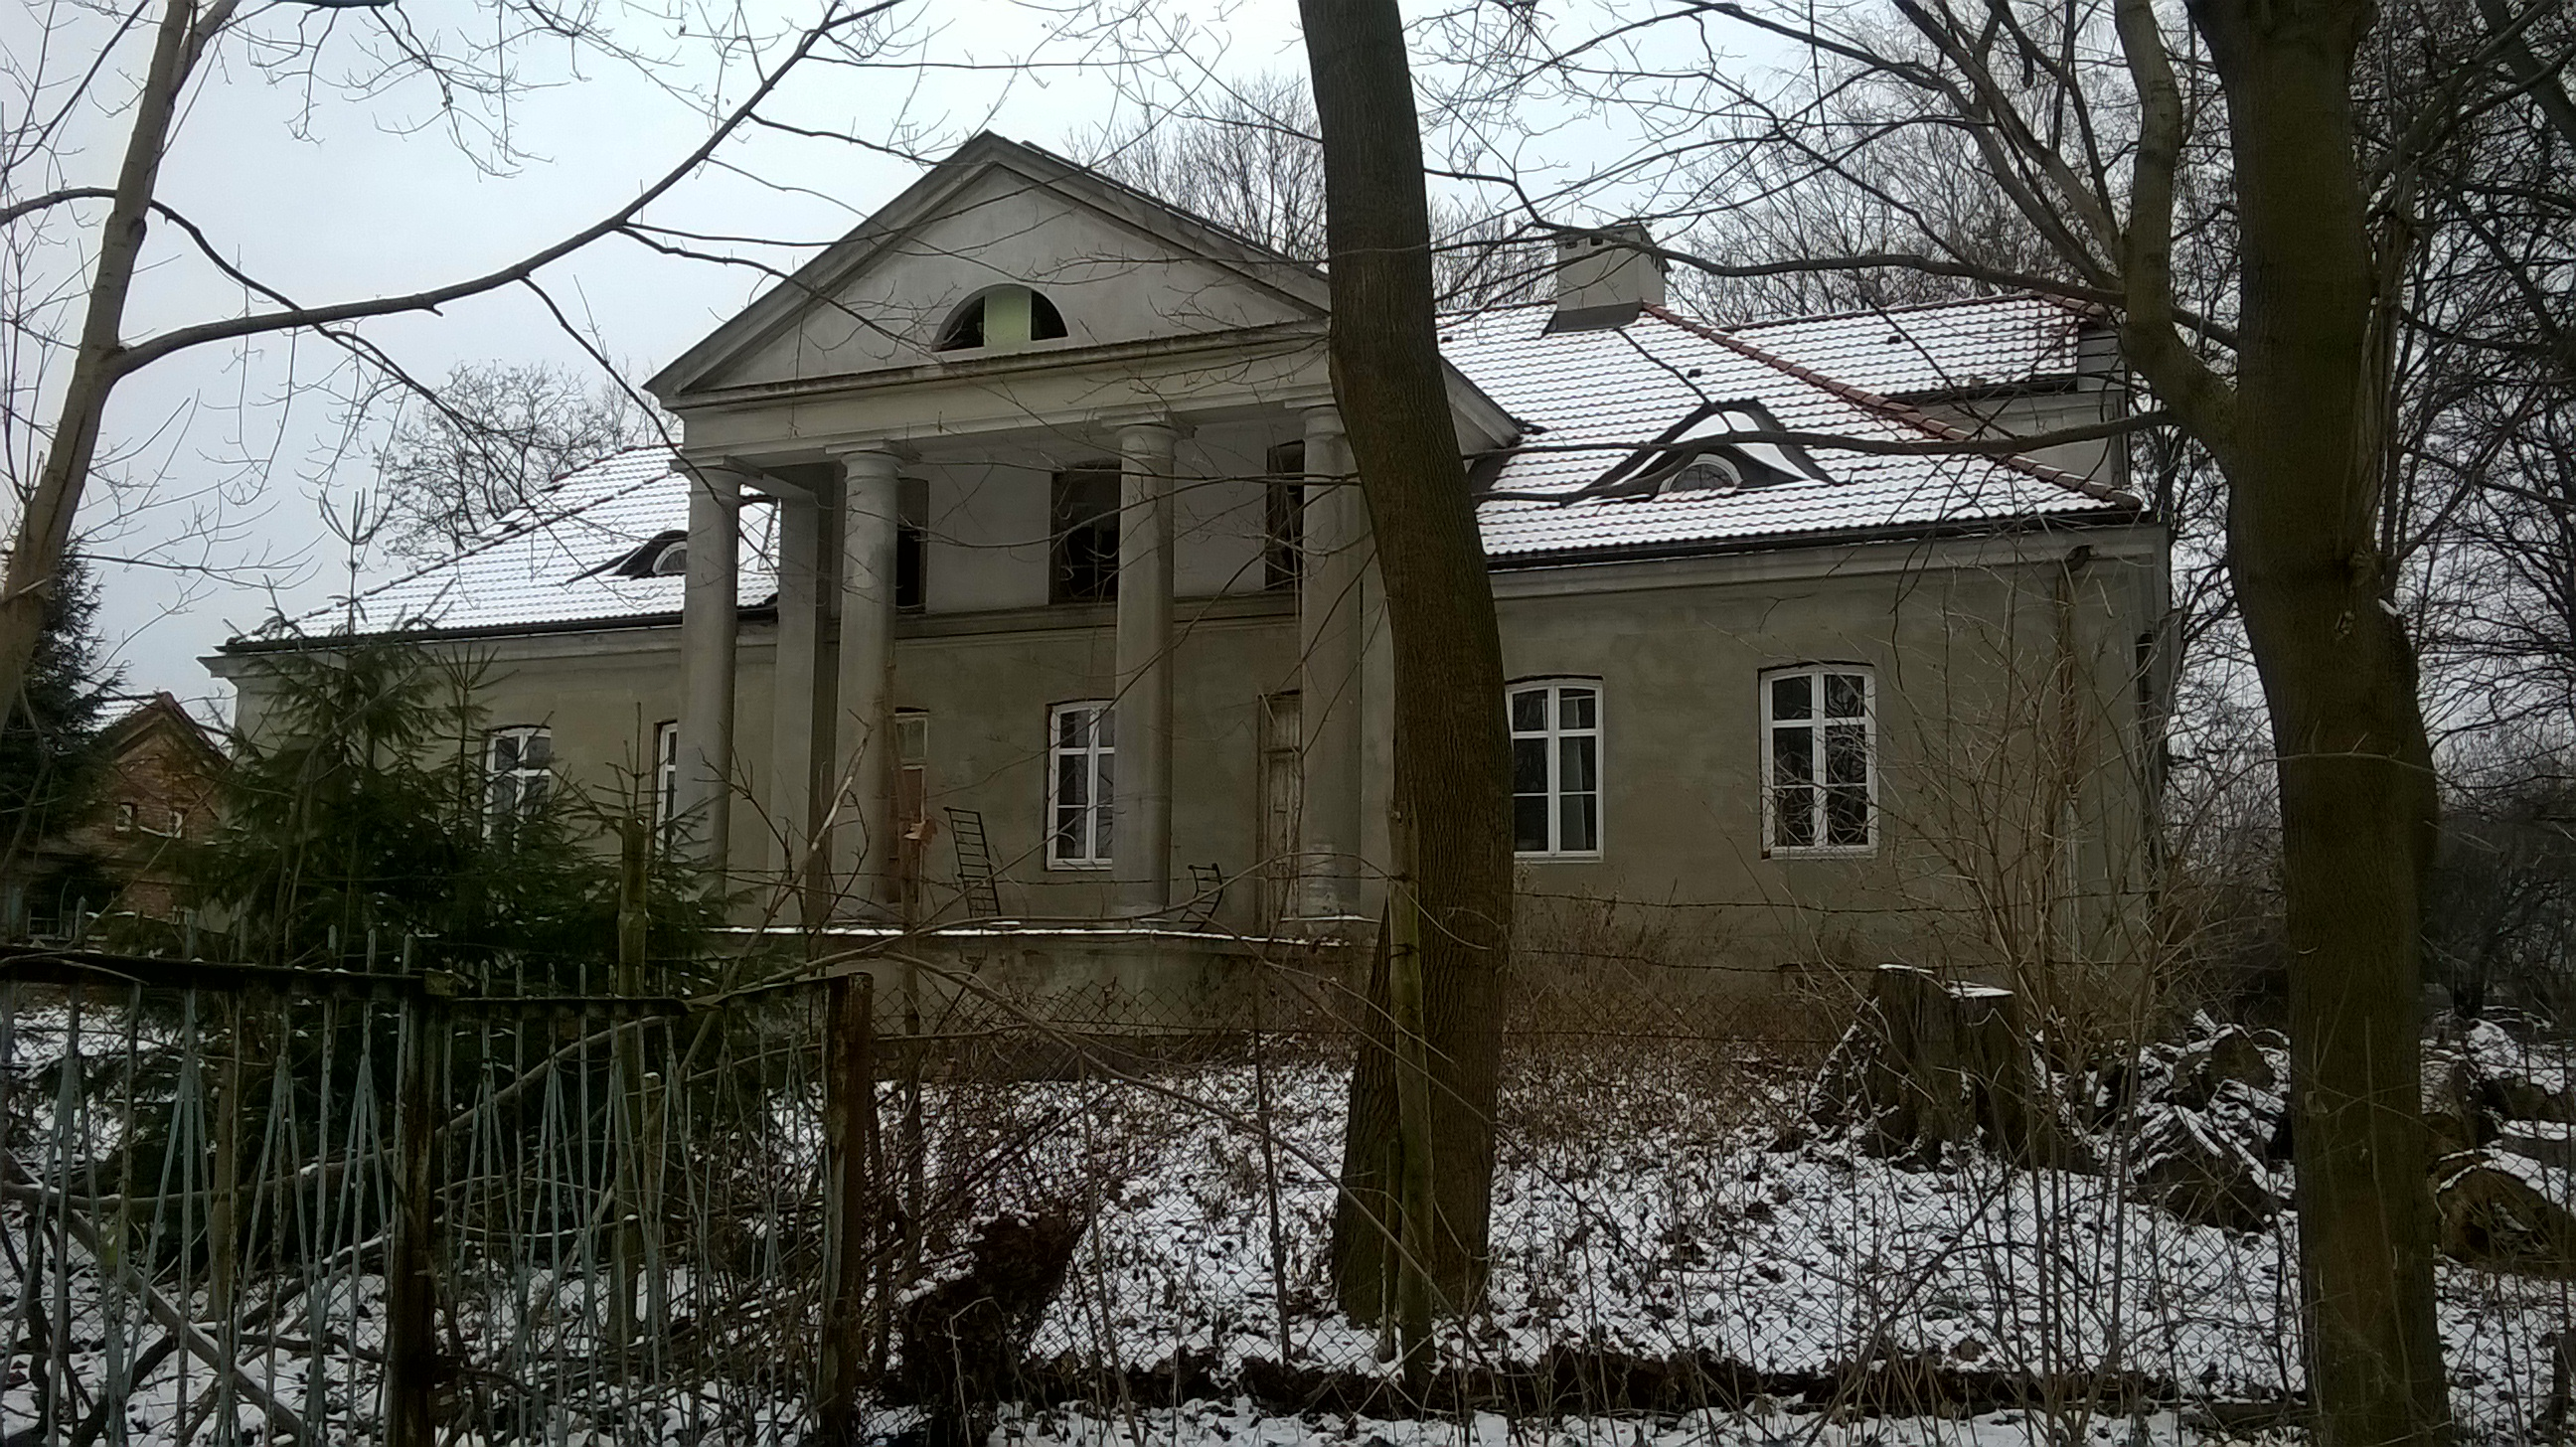 Warszawa. Wyczółki, czyli ruina nad stawem